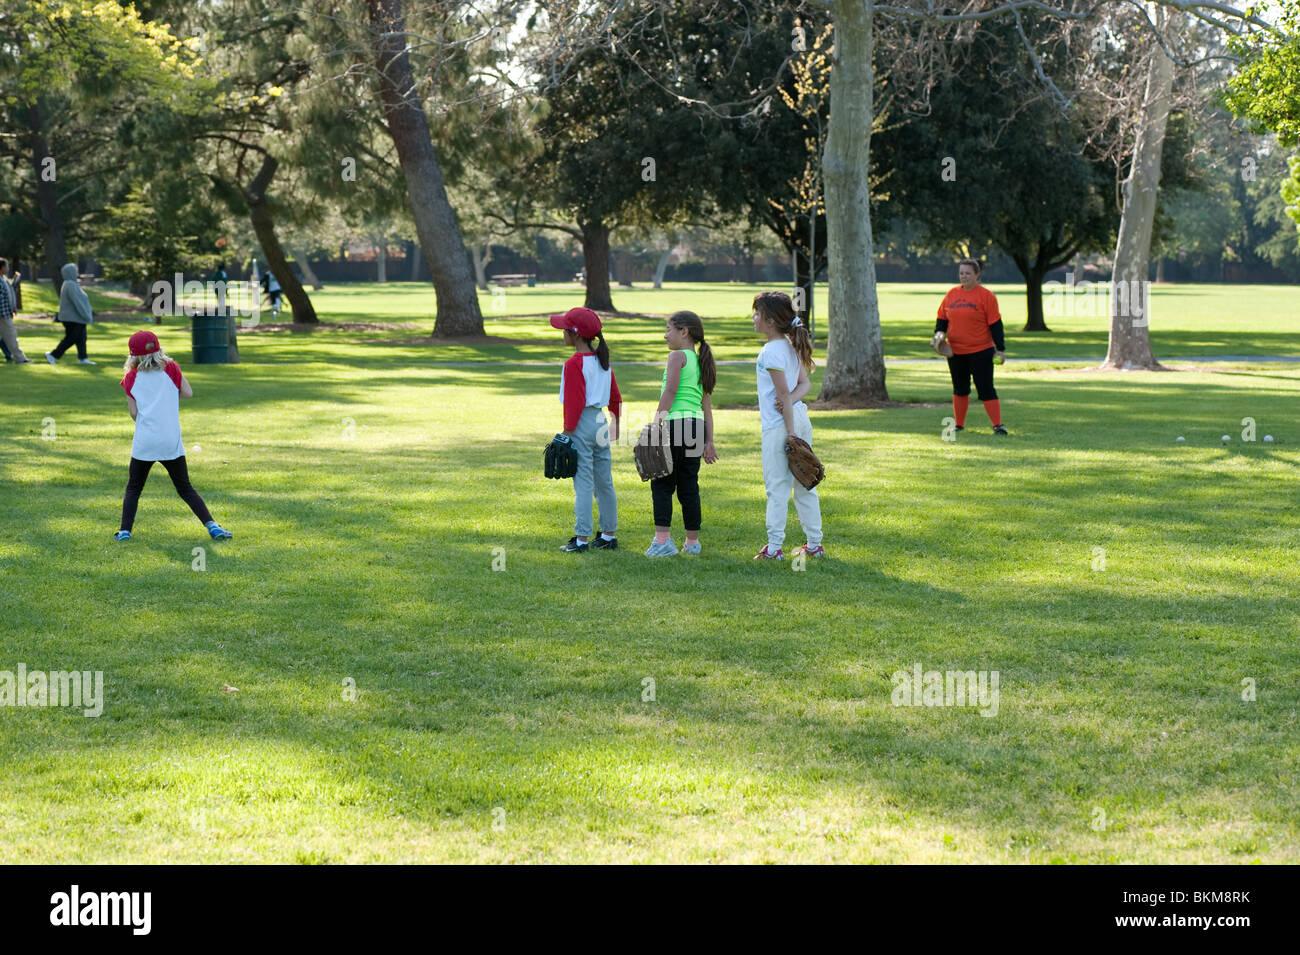 Le giovani ragazze schierate per la cattura in pratica softball Immagini Stock